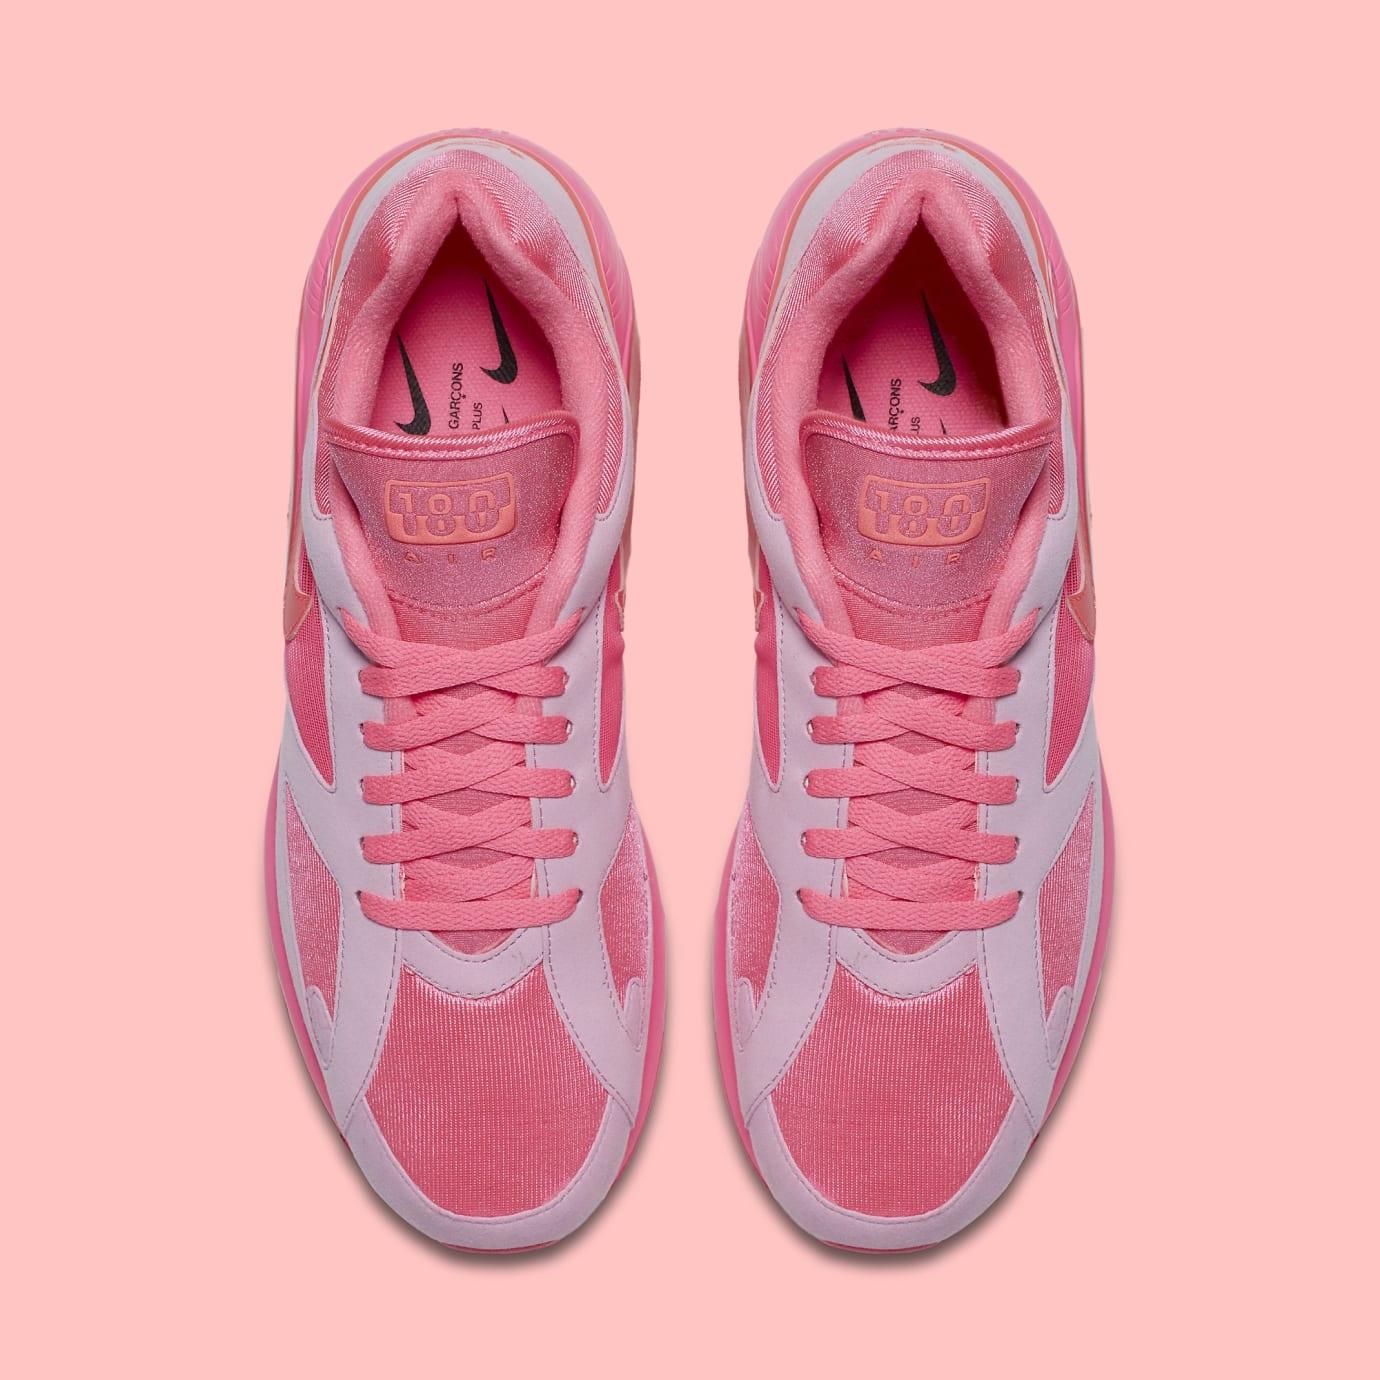 Comme des Garçons x Nike Air Max 180 'Pink' AO4641-602 (Top)